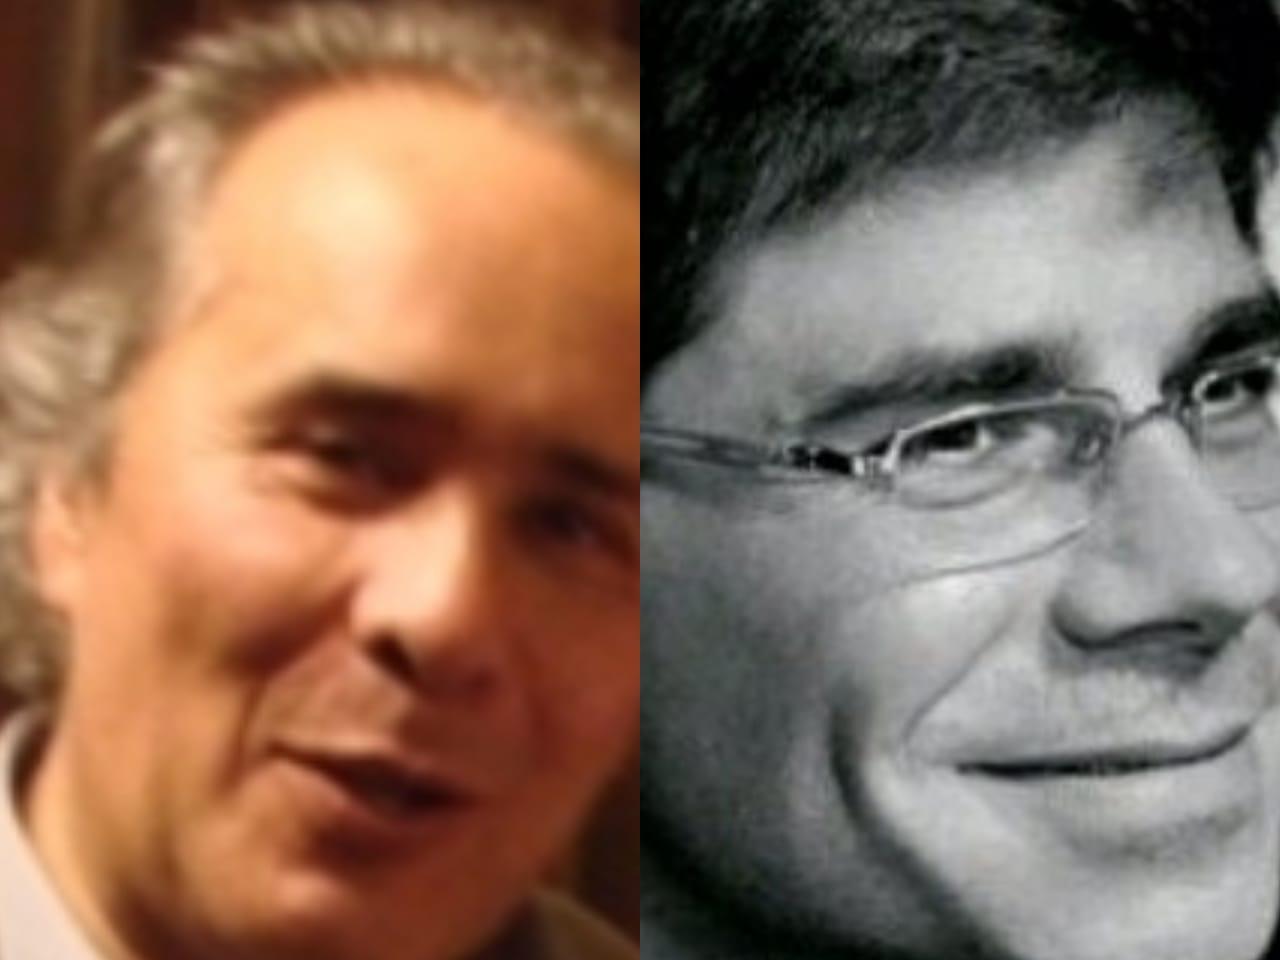 Duro cruce protagonizaron senador Carlos P. Klinsky y sociólogo Julio Aliaga: el legislador defendía a Santa Cruz de la arremetida de Aliaga